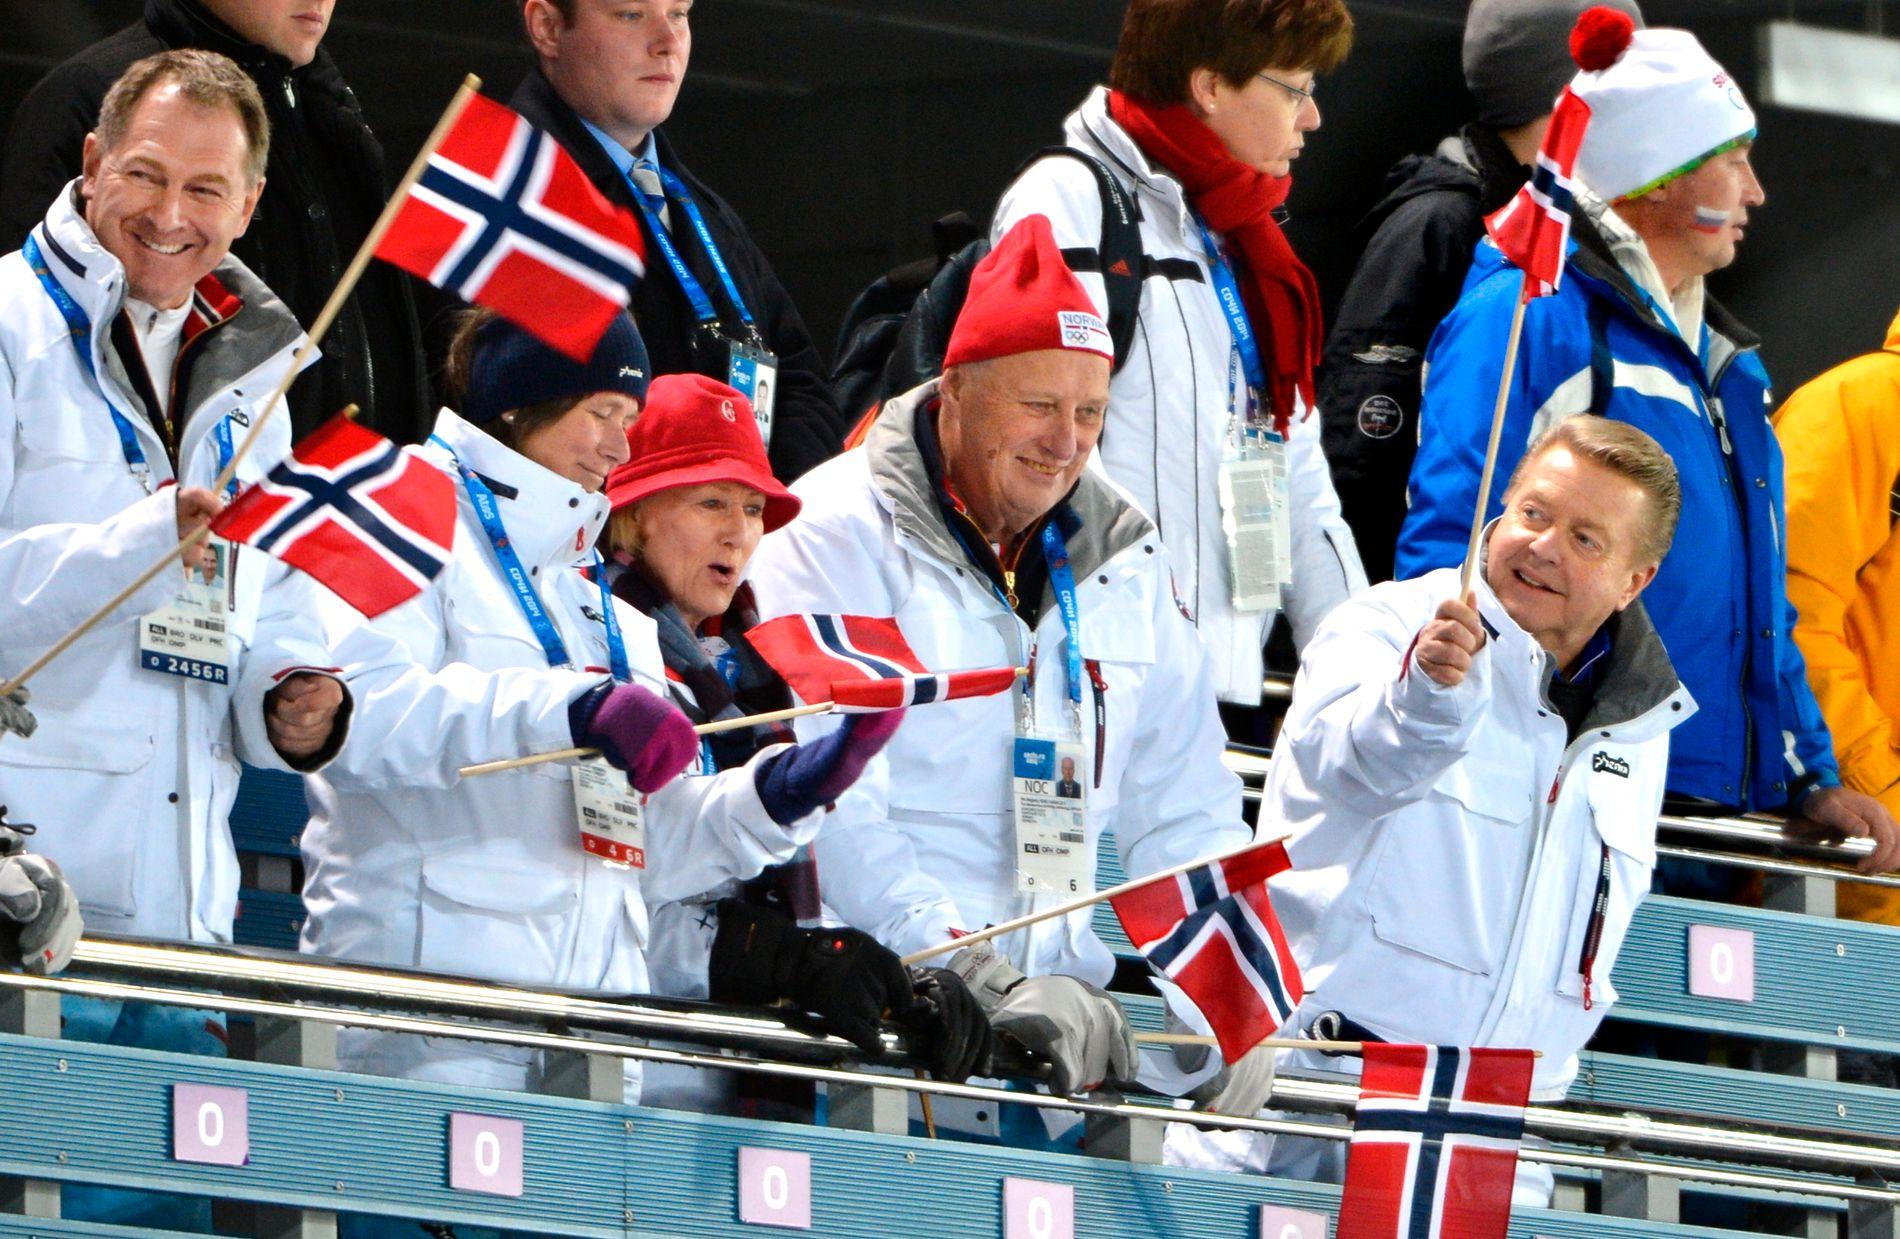 OL-TILSKUERE: Børre Rognlien (lengst til høyre) under Sotsji-OL i 2014. Videre fra høyre kong Harald, dronning Sonja, Elisabeth Seeberg og Inge Andersen.